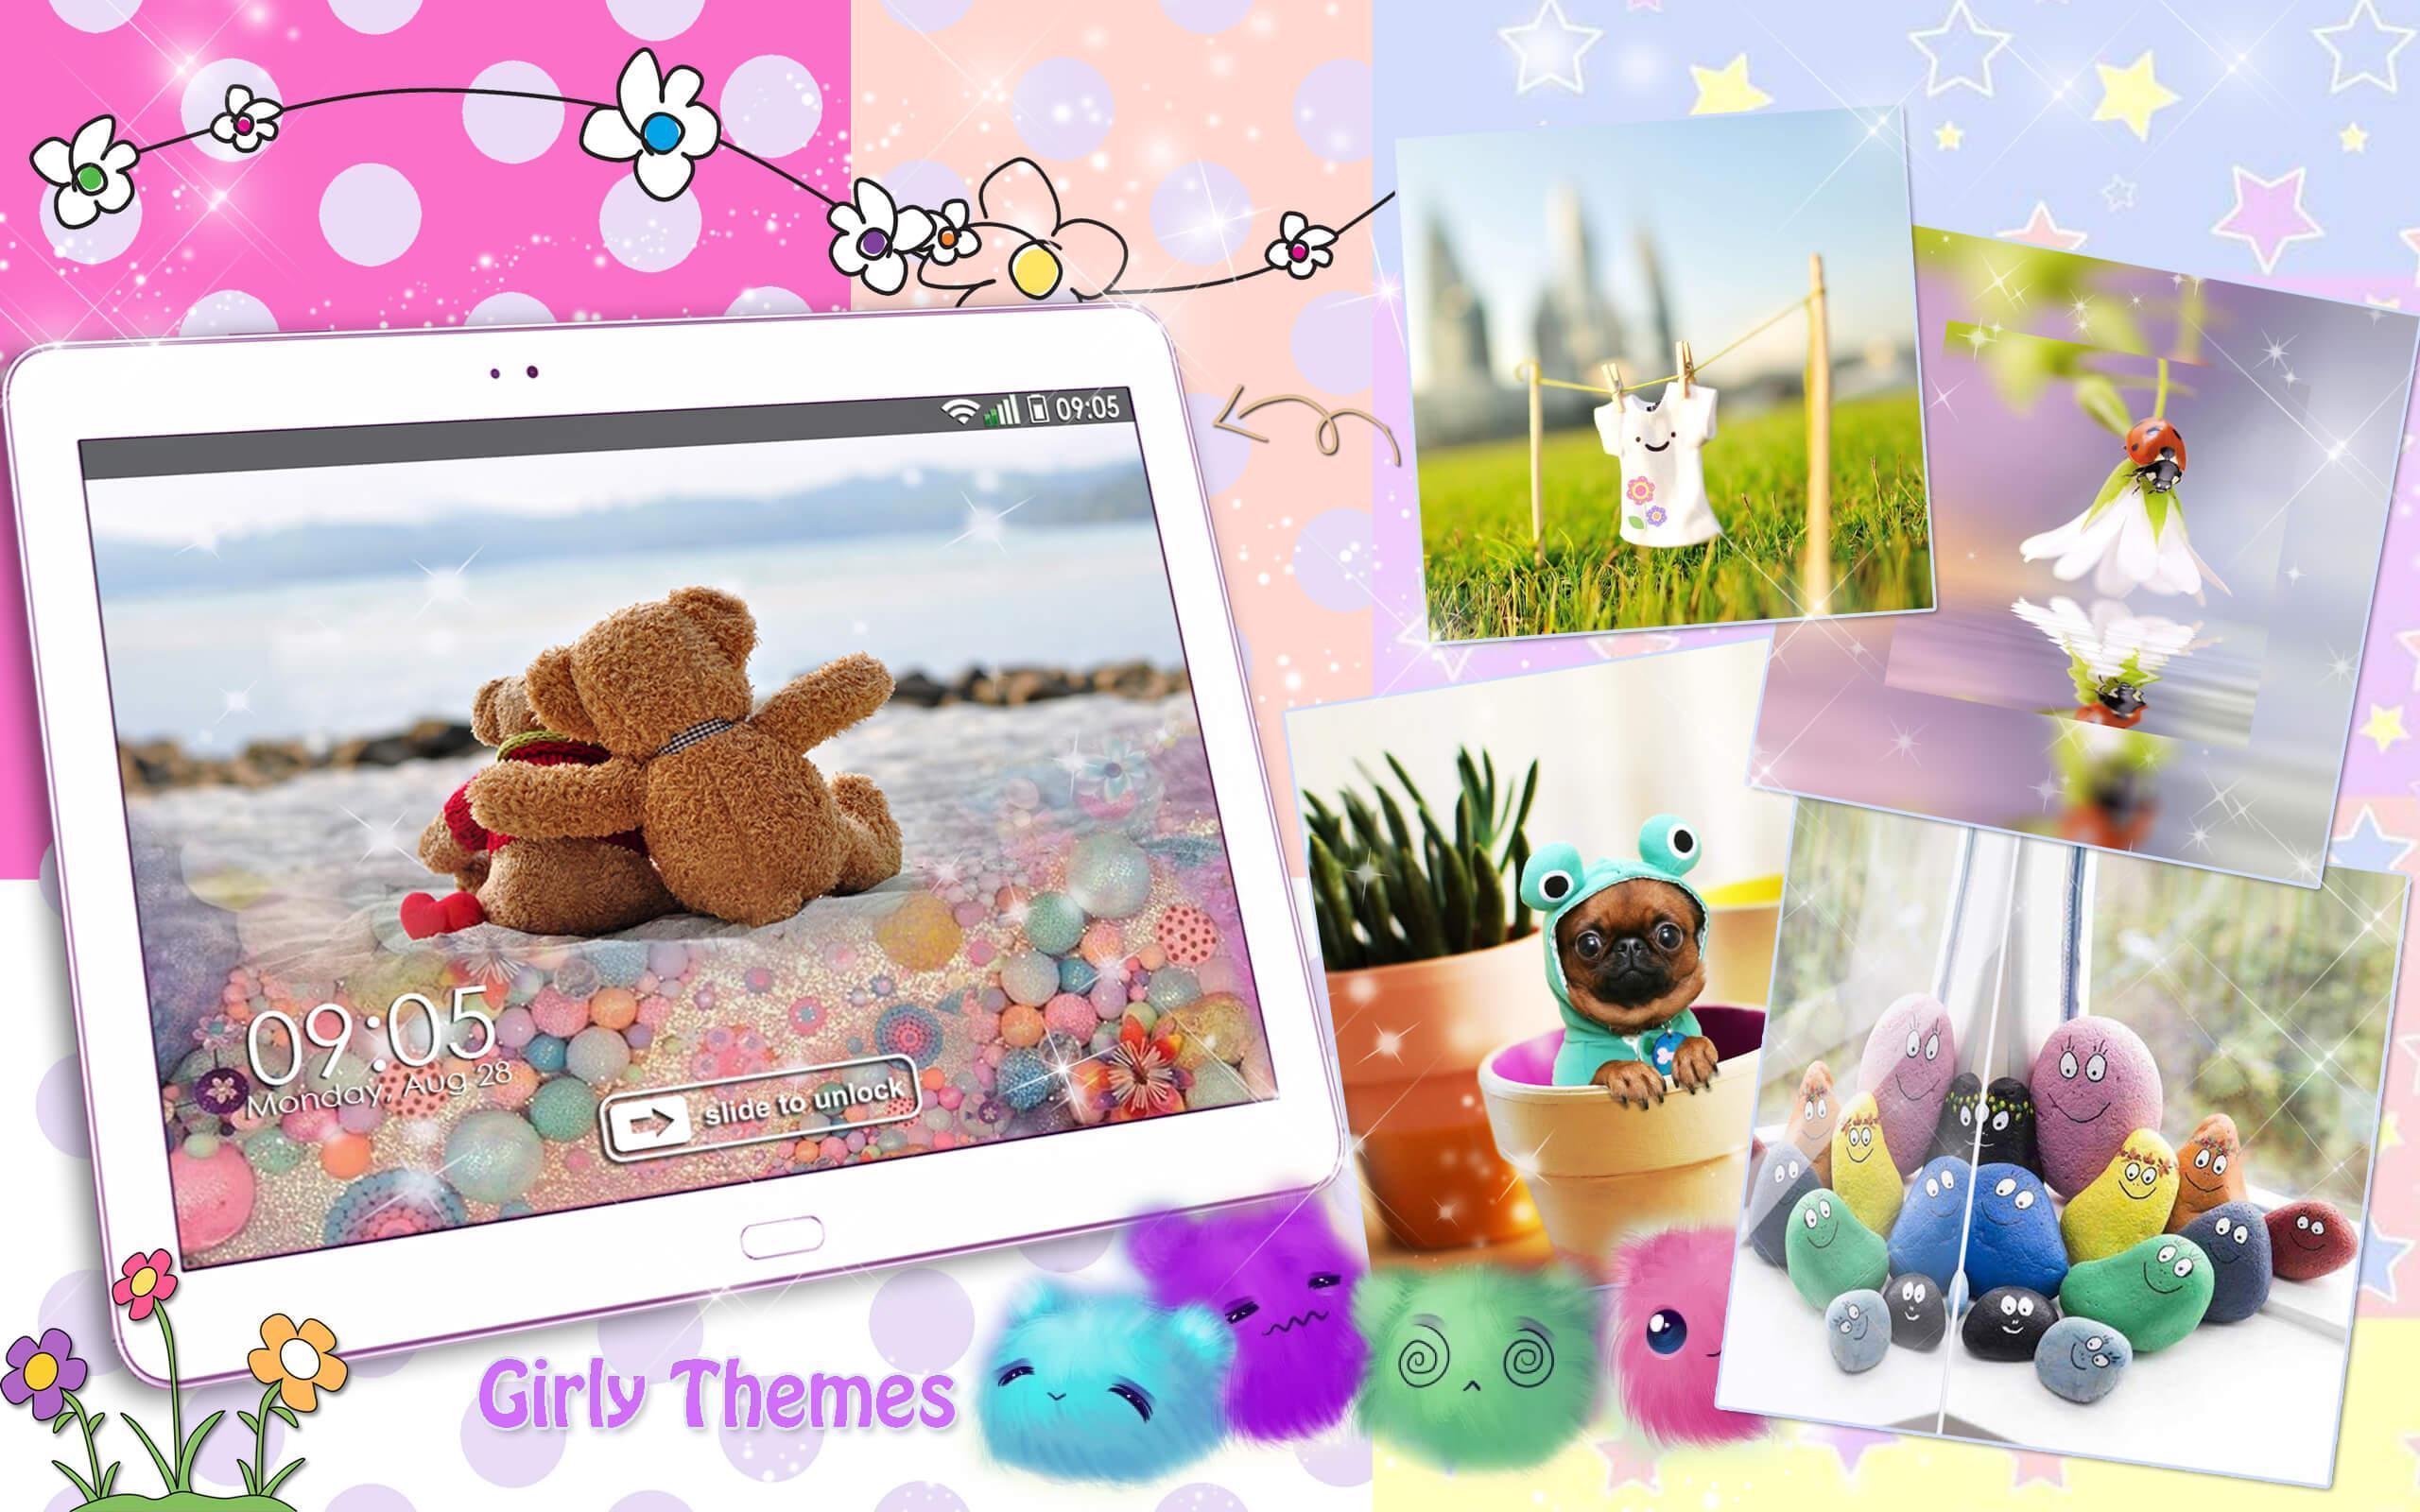 Android 用の 女の子ロック画面 壁紙 かわいい スクリーンセーバー Apk をダウンロード